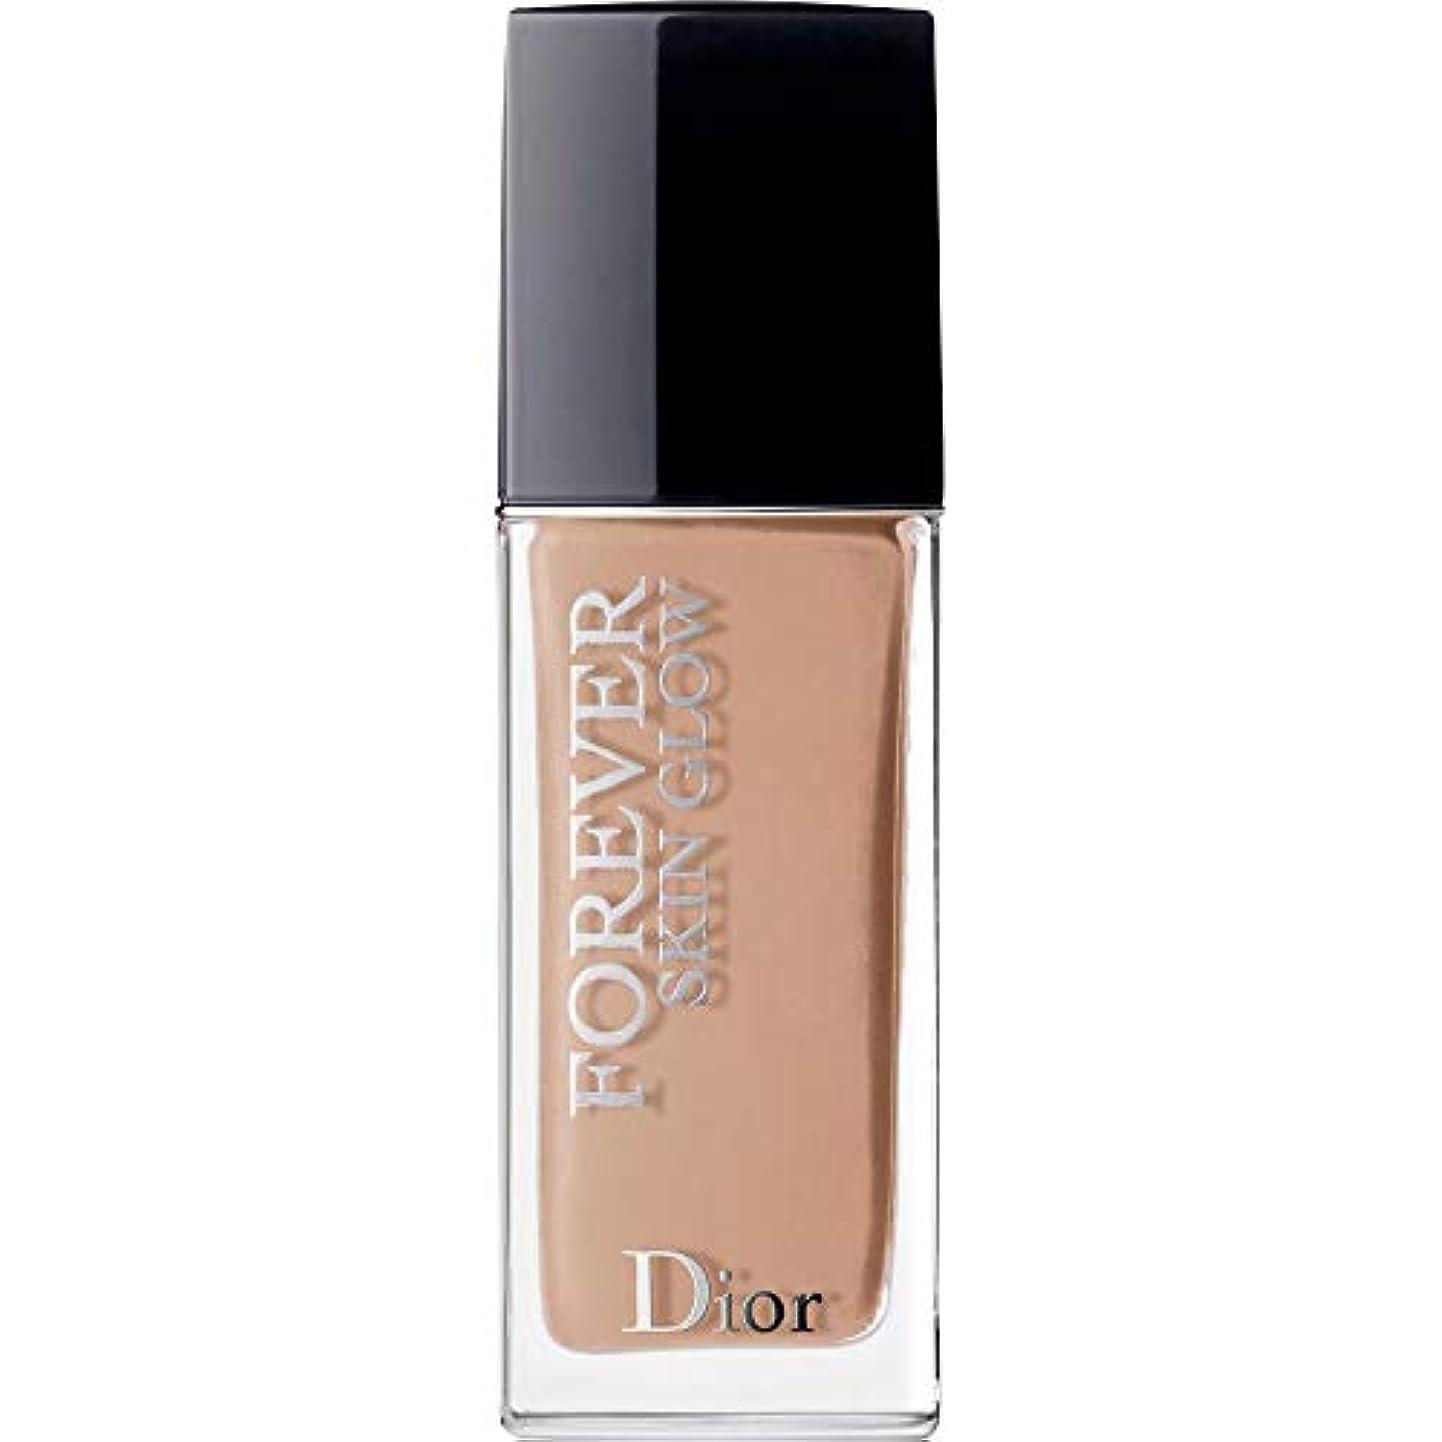 妨げる複製そう[Dior ] ディオール永遠に皮膚グロー皮膚思いやりの基礎Spf35 30ミリリットル4Cを - クール(肌の輝き) - DIOR Forever Skin Glow Skin-Caring Foundation SPF35 30ml 4C - Cool (Skin Glow) [並行輸入品]